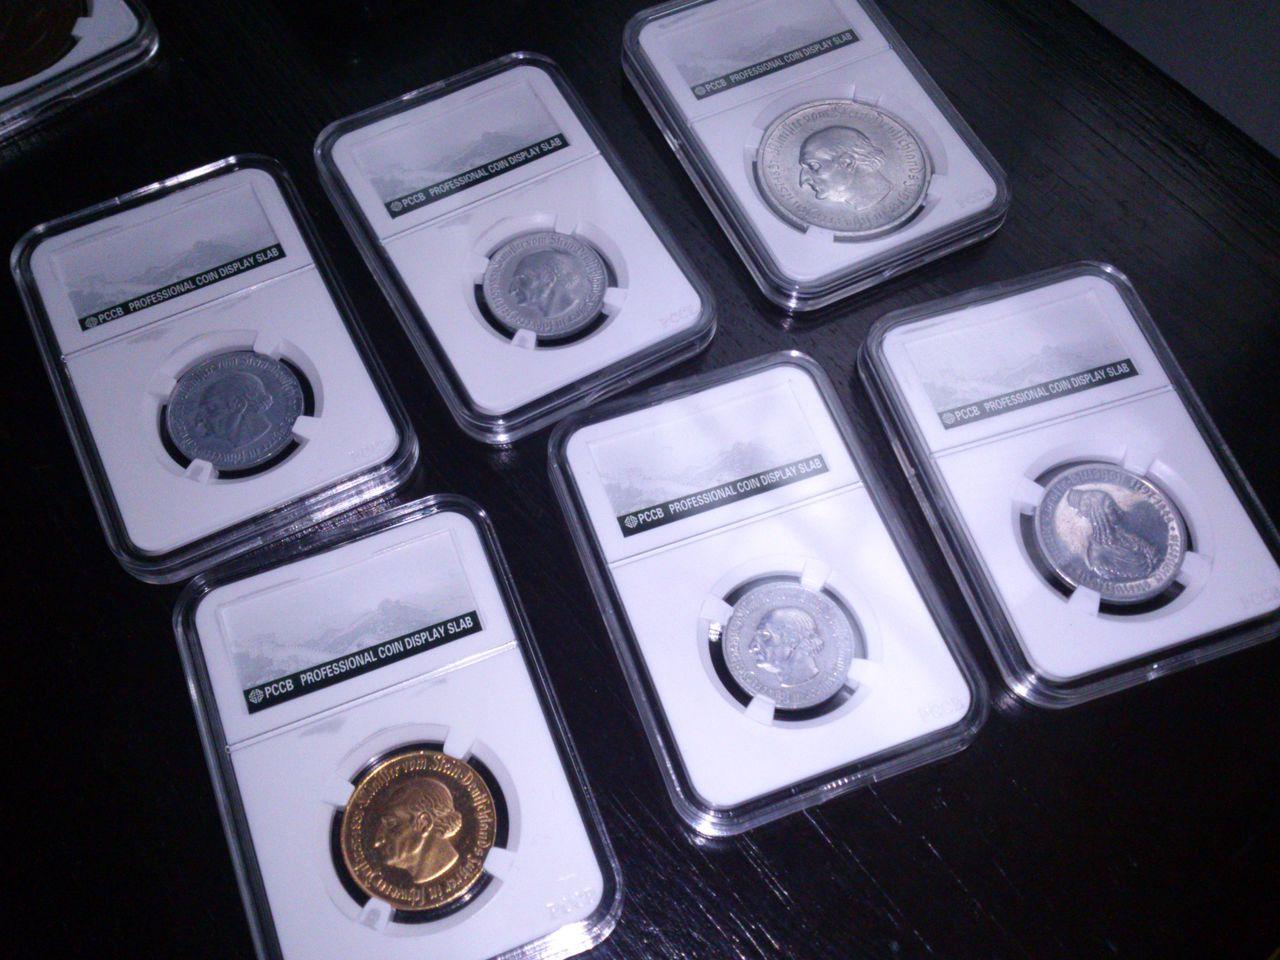 Monedas de emergencia emitidas por el banco regional de Westphalia DSC_8549